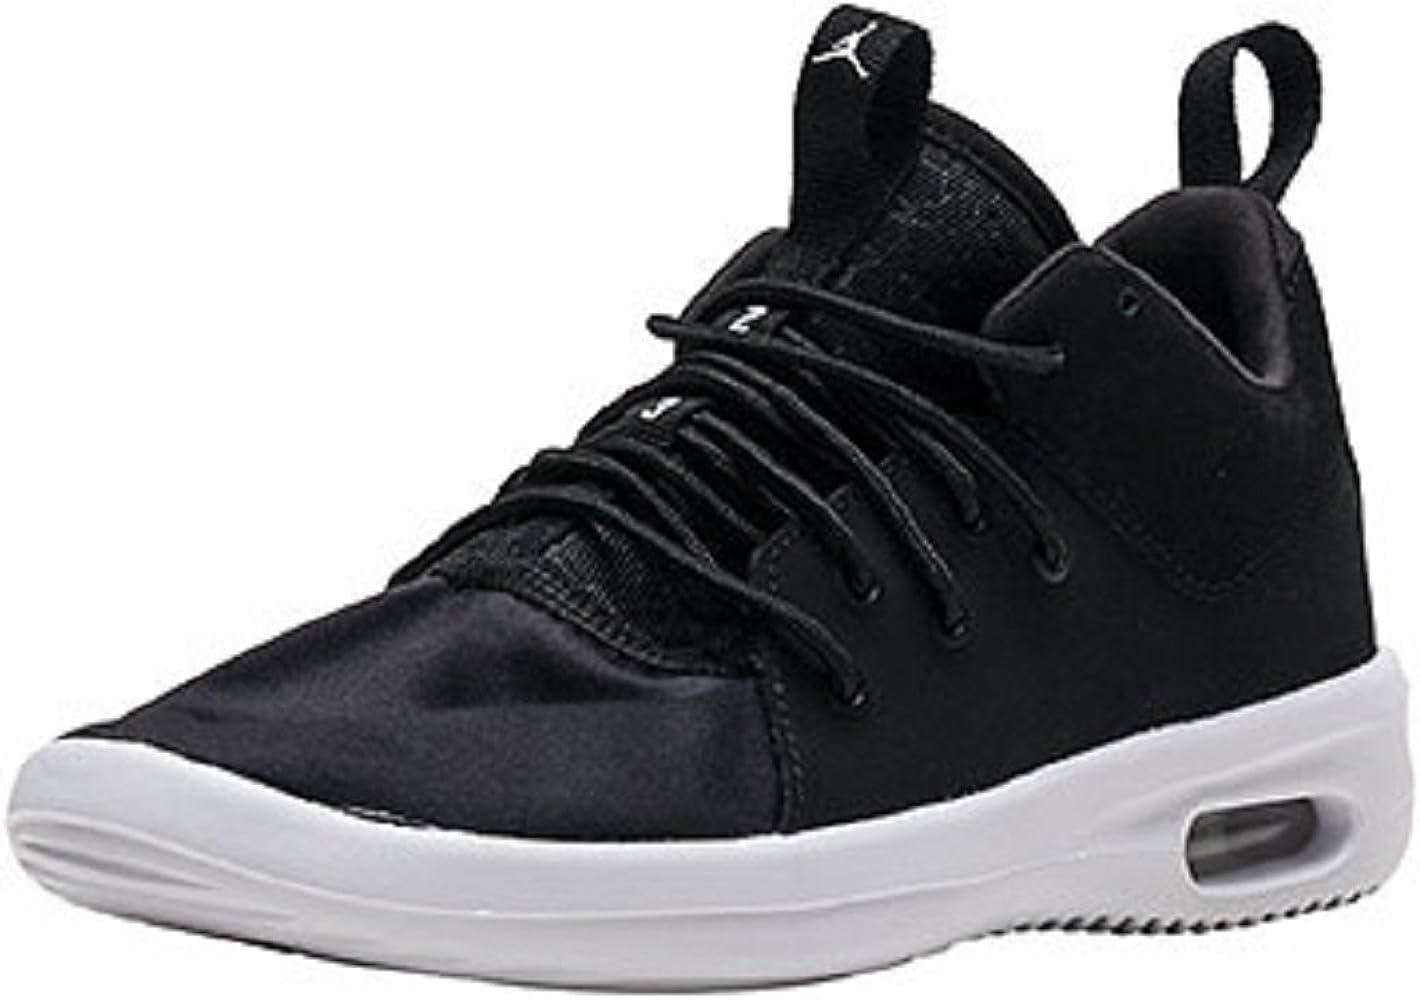 AIR Jordan First Class BP Boys Fashion Sneakers AJ7315